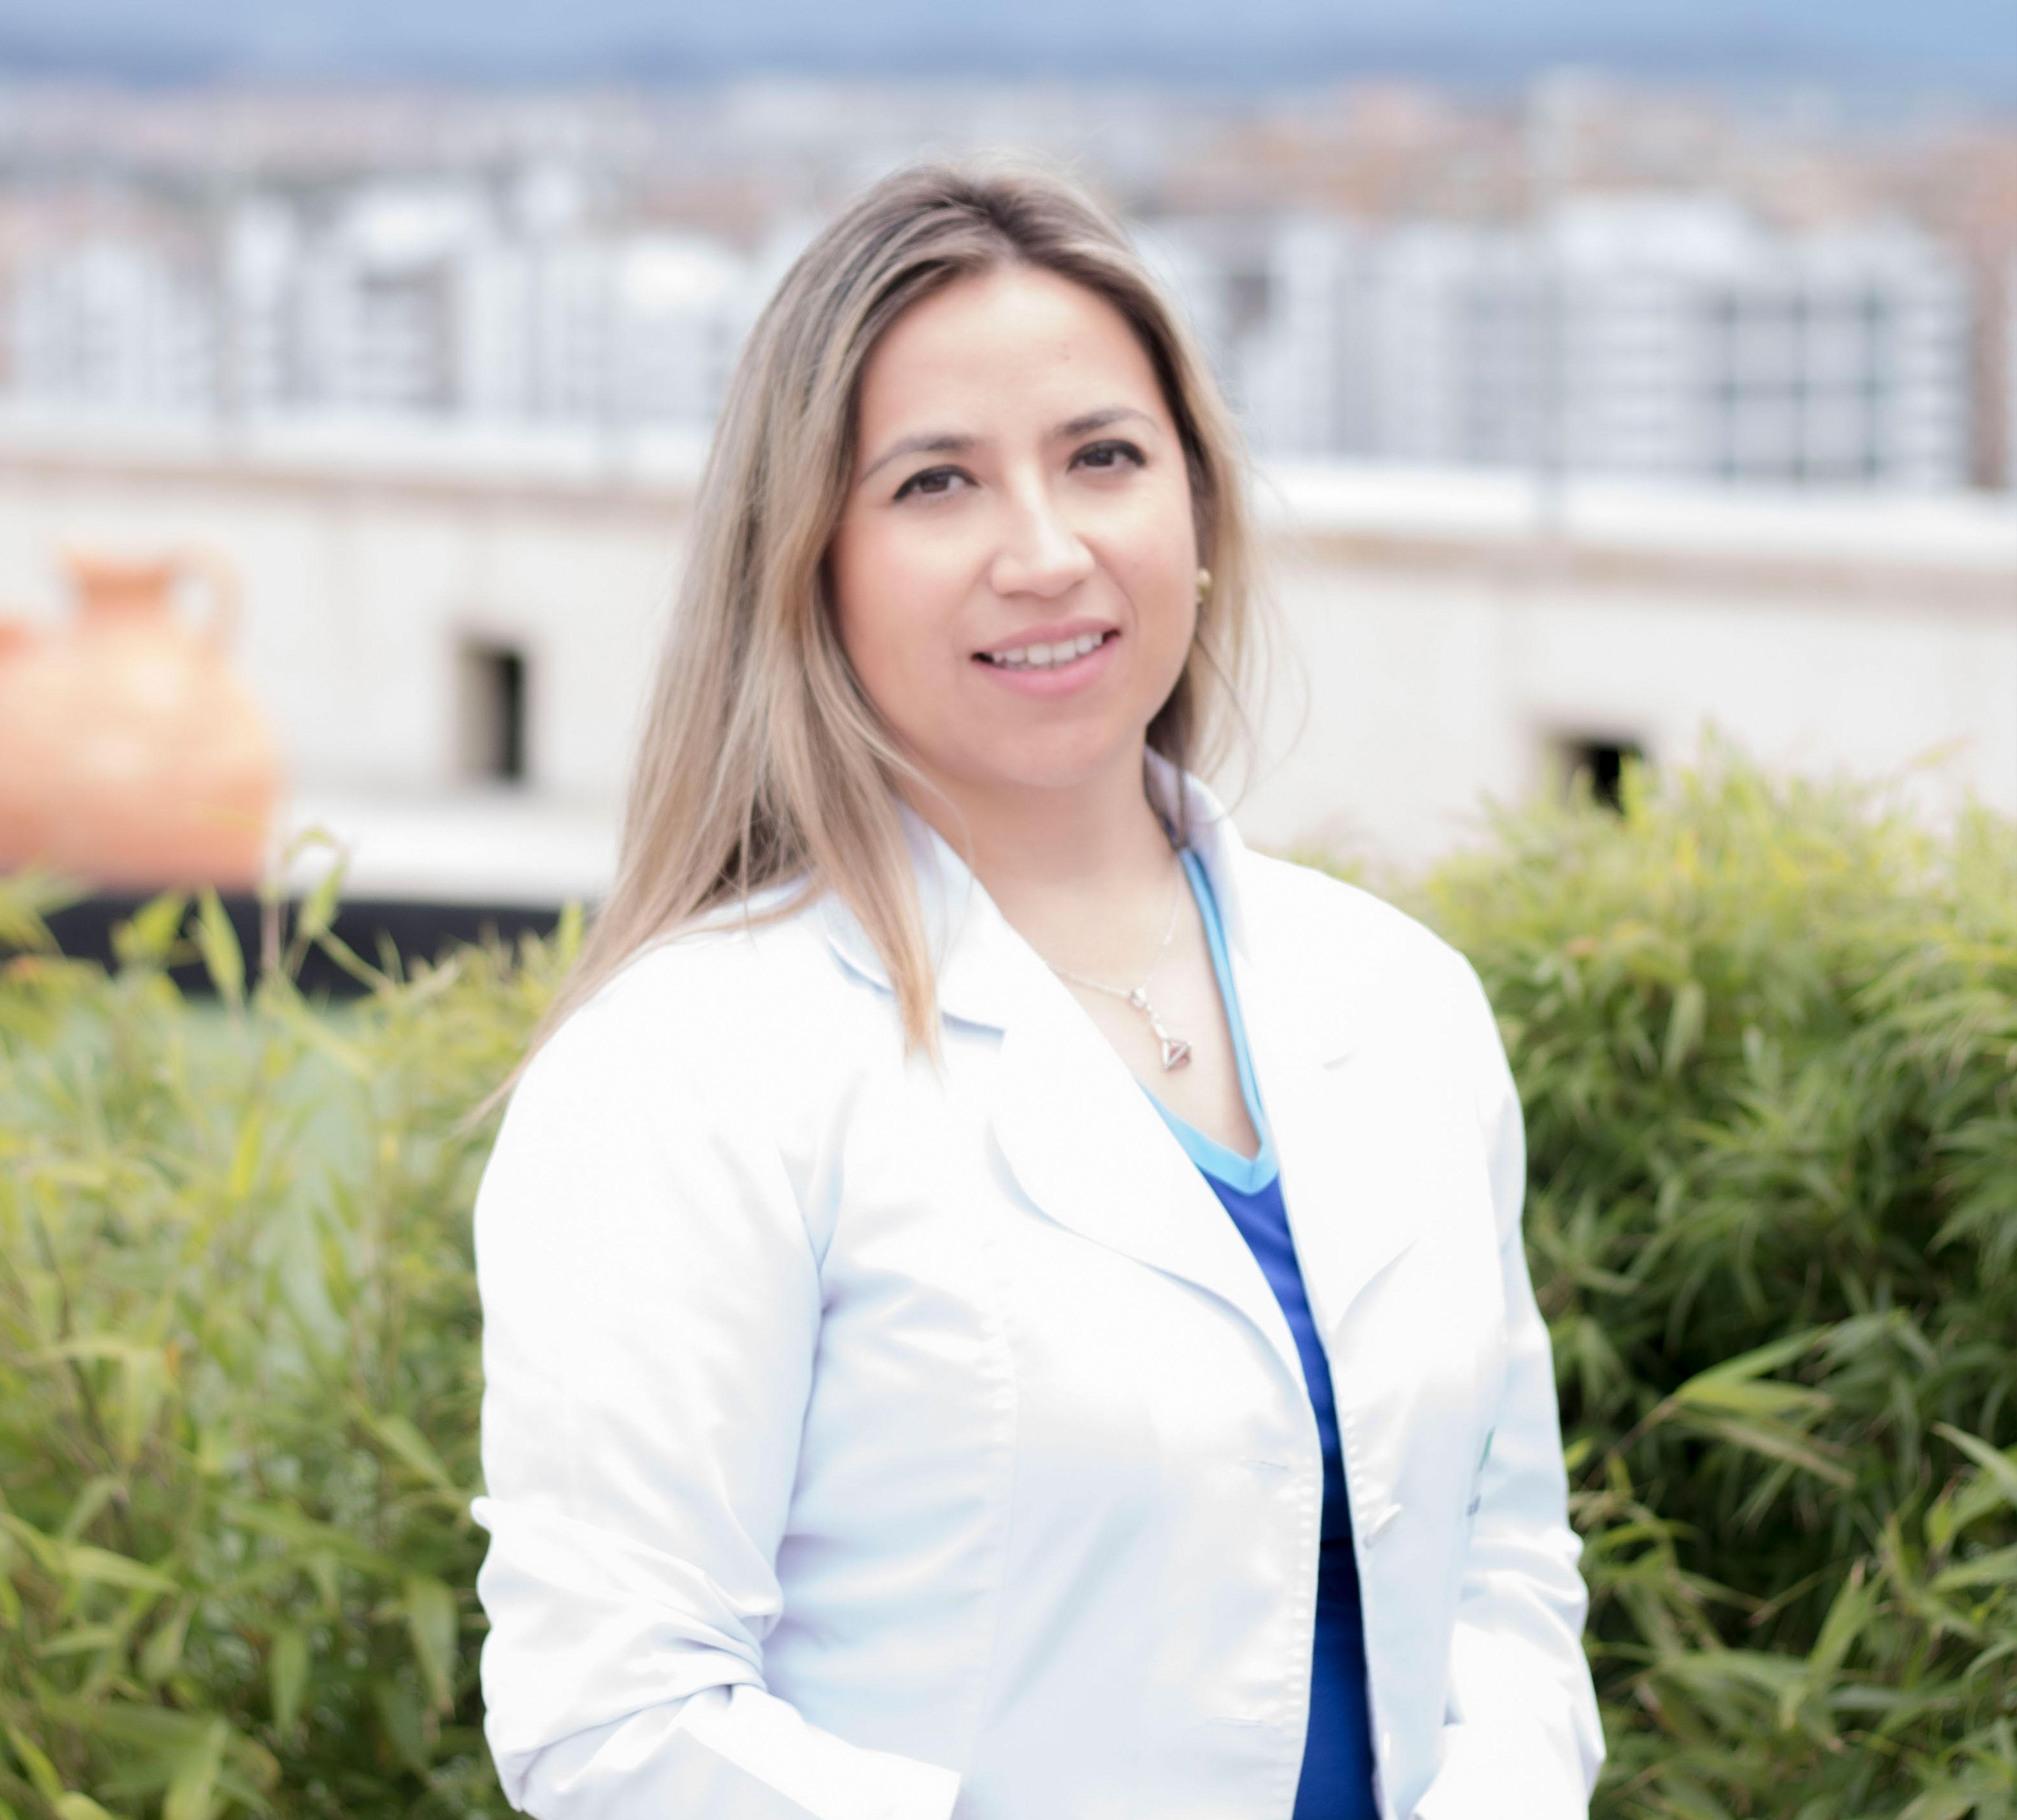 Nutricionista Diana Rojas, Nutryfitco, nutryfit, nutricionista funcional, medicina funcional, nutricionista vegana, nutricionista vegetariana, dieta cetogénica, nutricionista oncologica, mejor nutricionista, nutricionista Bogota,